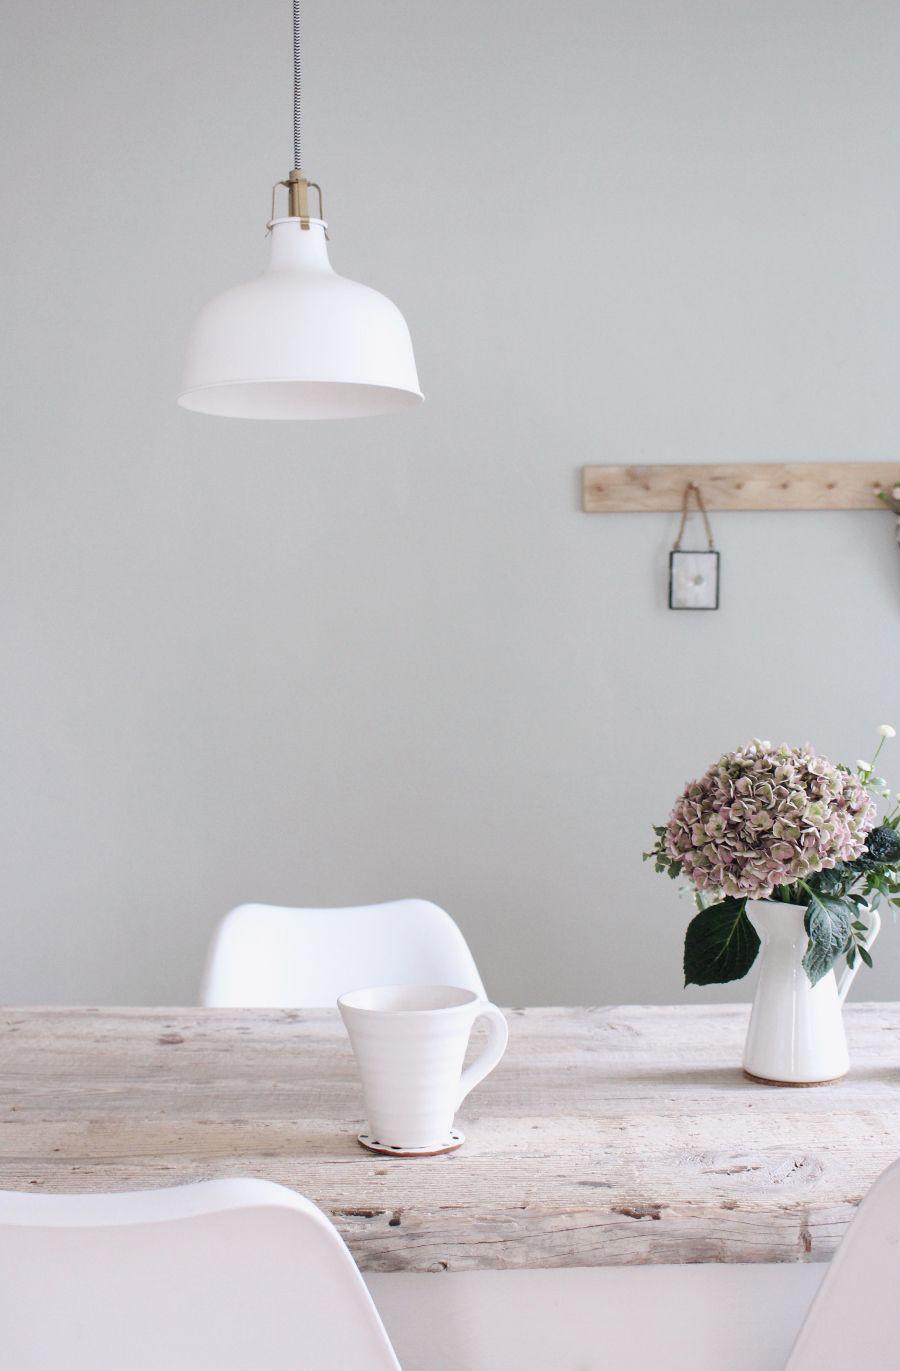 Inspire Grautone Als Wandfarbe Mit Bildern Wandfarbe Wohnzimmer